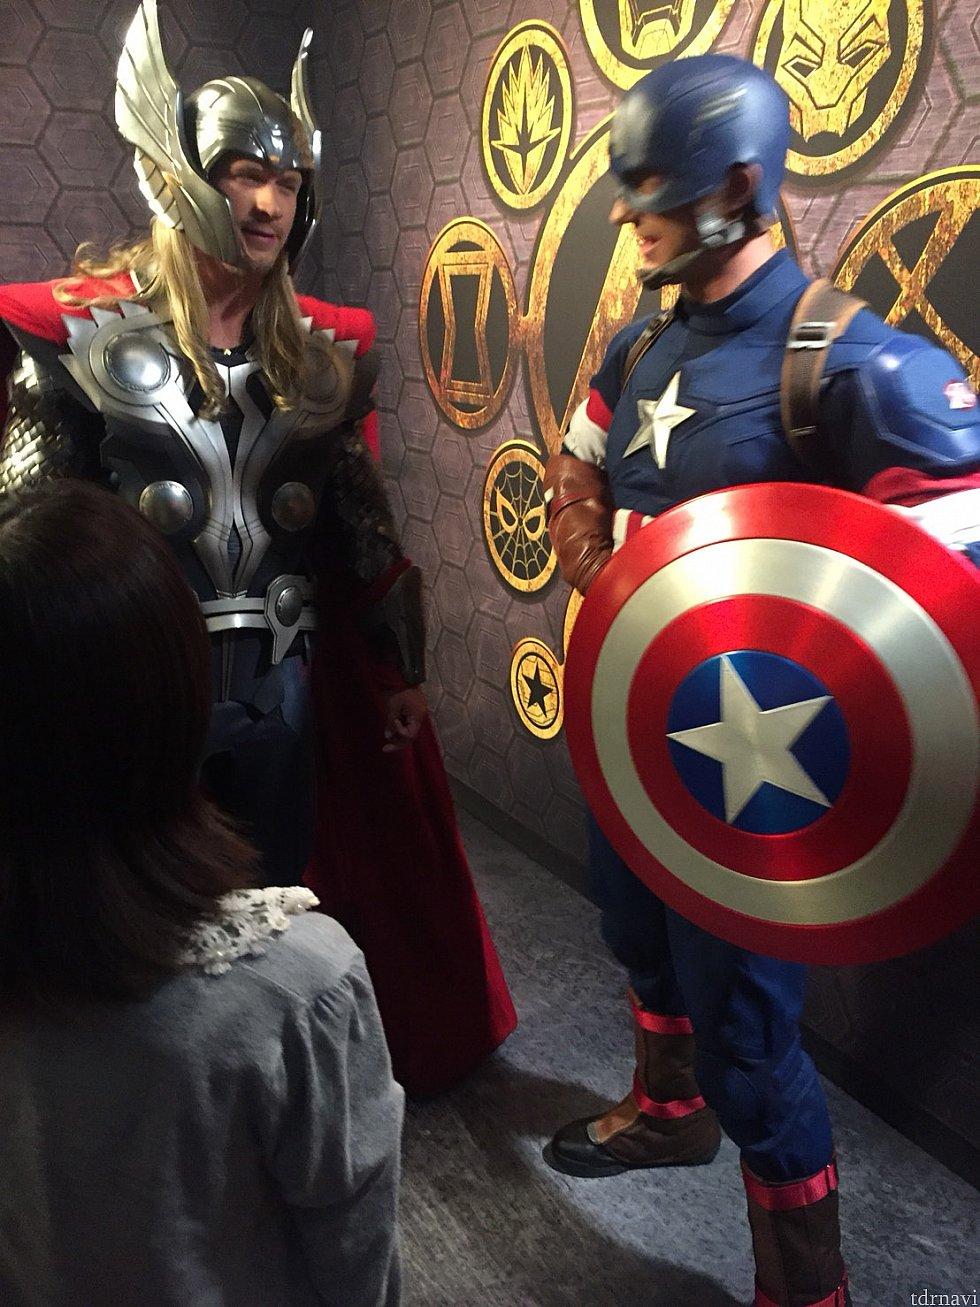 キャプテンとソーが雑談 キャプは顔が小さくて超イケメン!(*^^*)